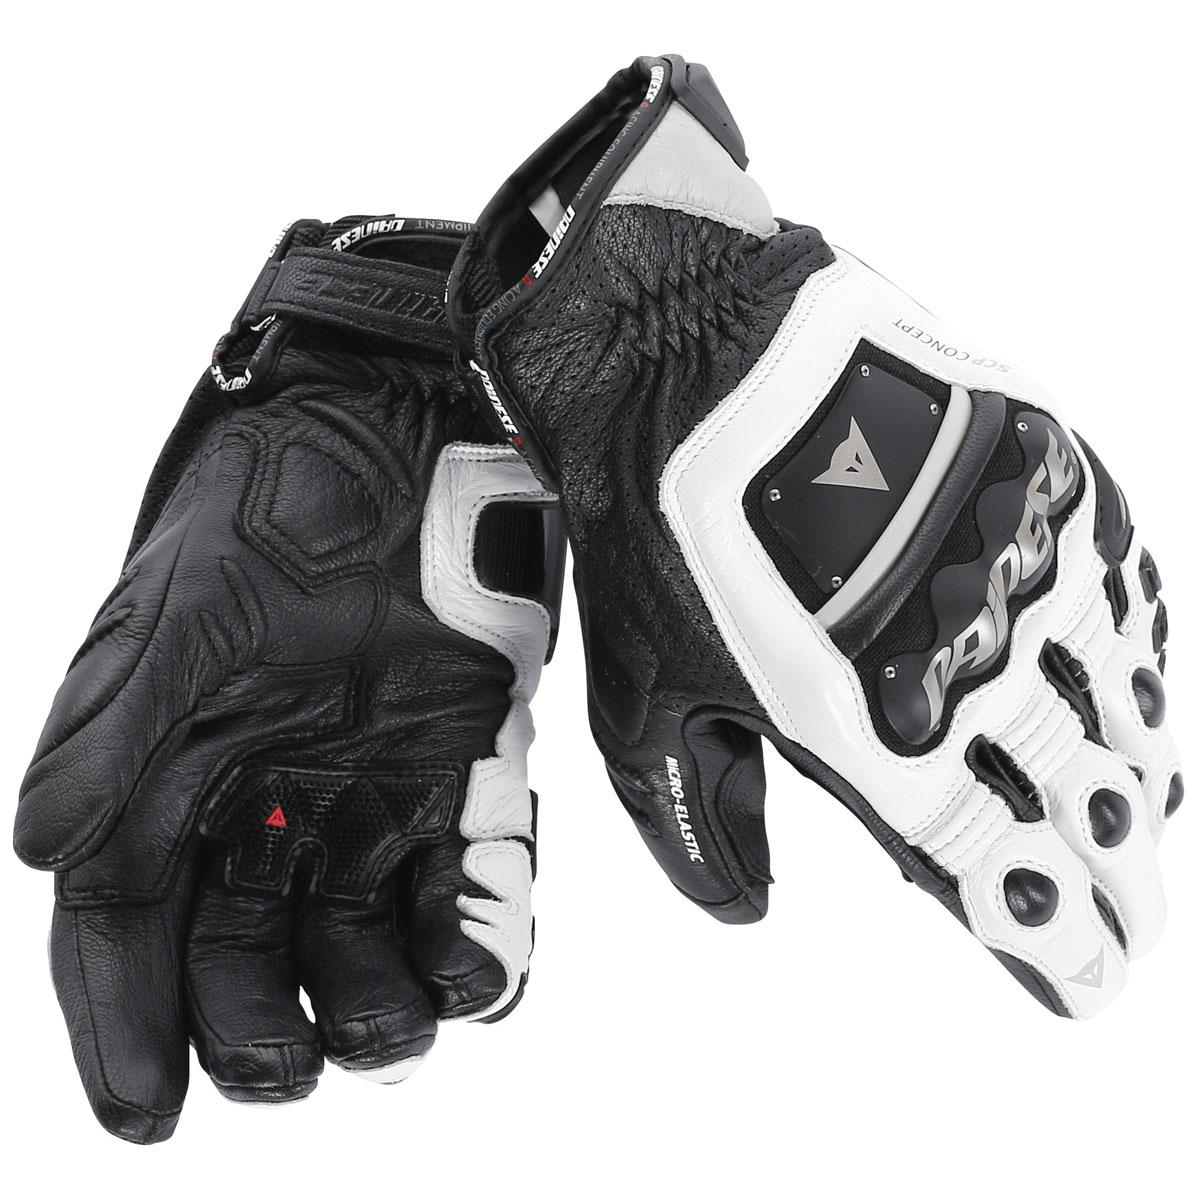 Dainese Men's 4 Stroke Evo White/Black Gloves